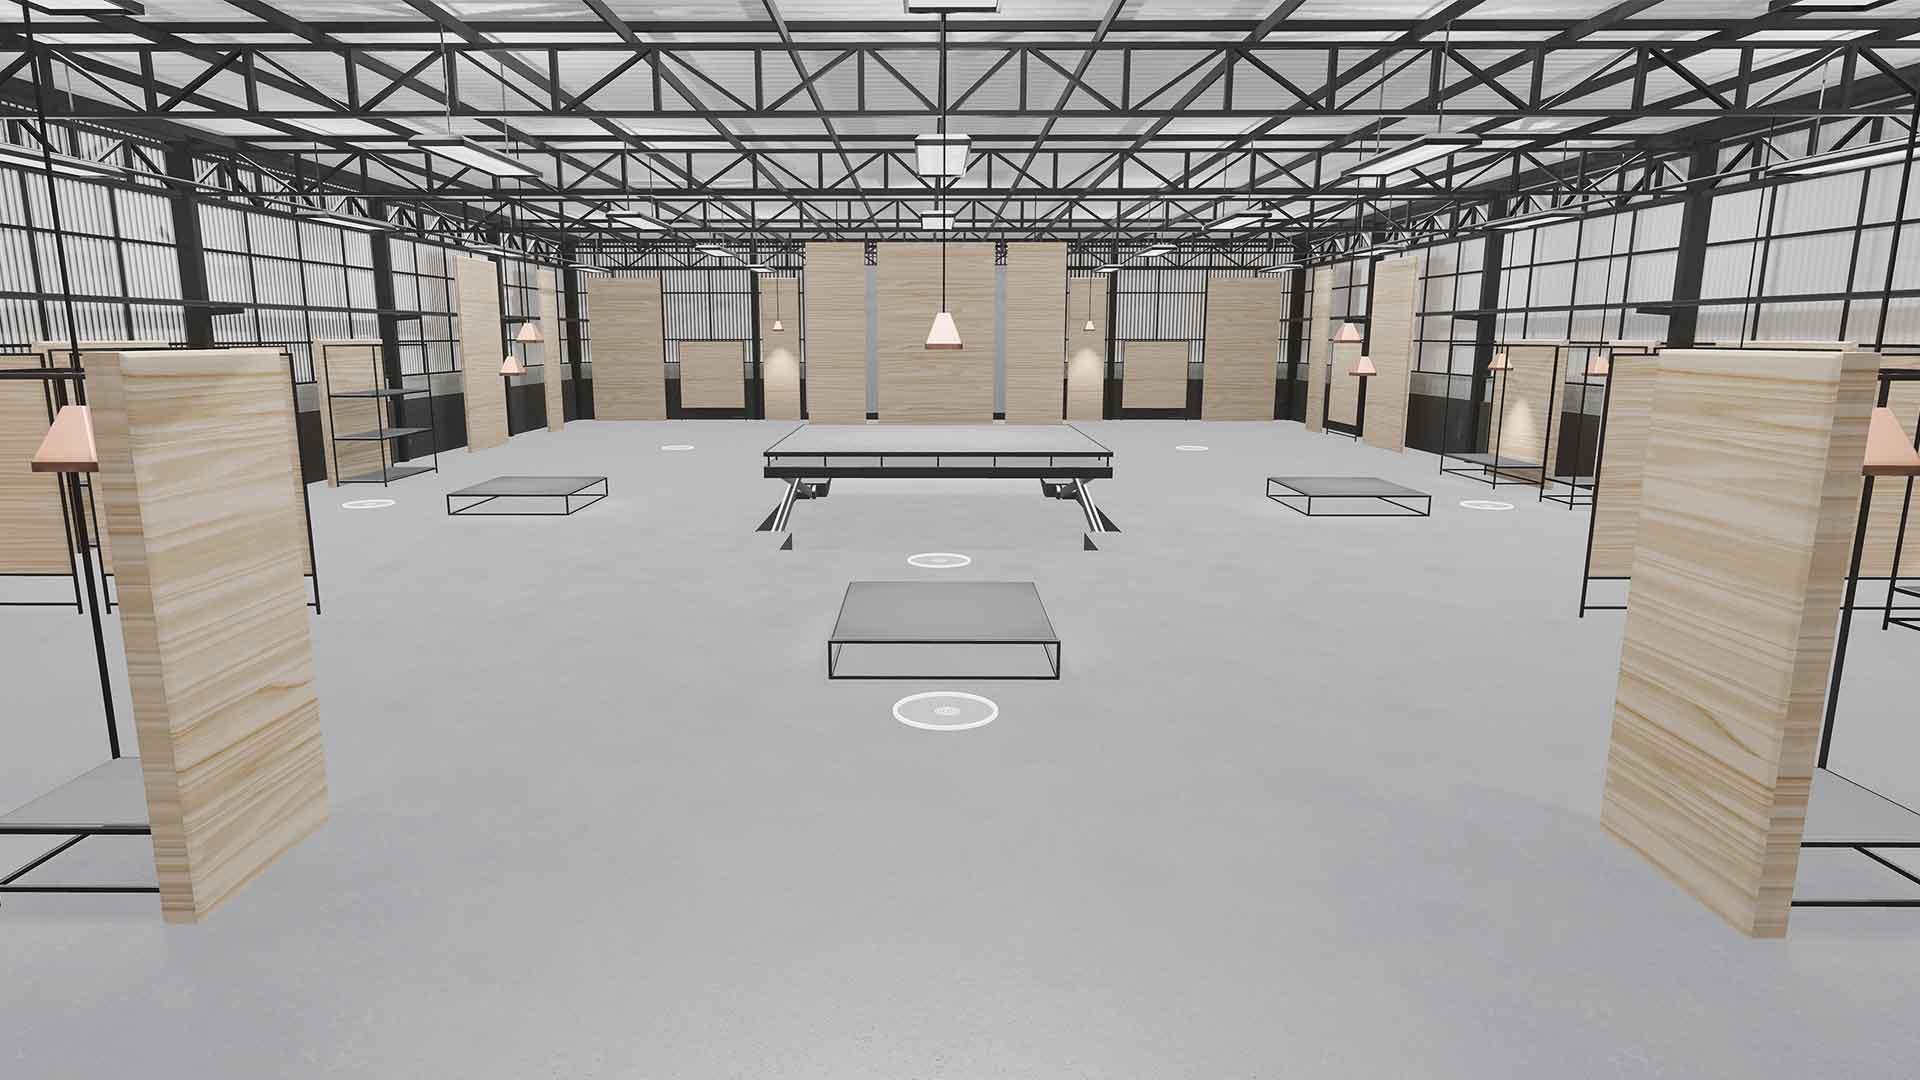 """Der virtuelle Schauraum """"Futuristisches Museum"""" besteht aus 5 unterschiedlichen Räumen in verschiedenen Farben, mit viel Platz für Ihre Produkte, Videos oder Textinhalte."""